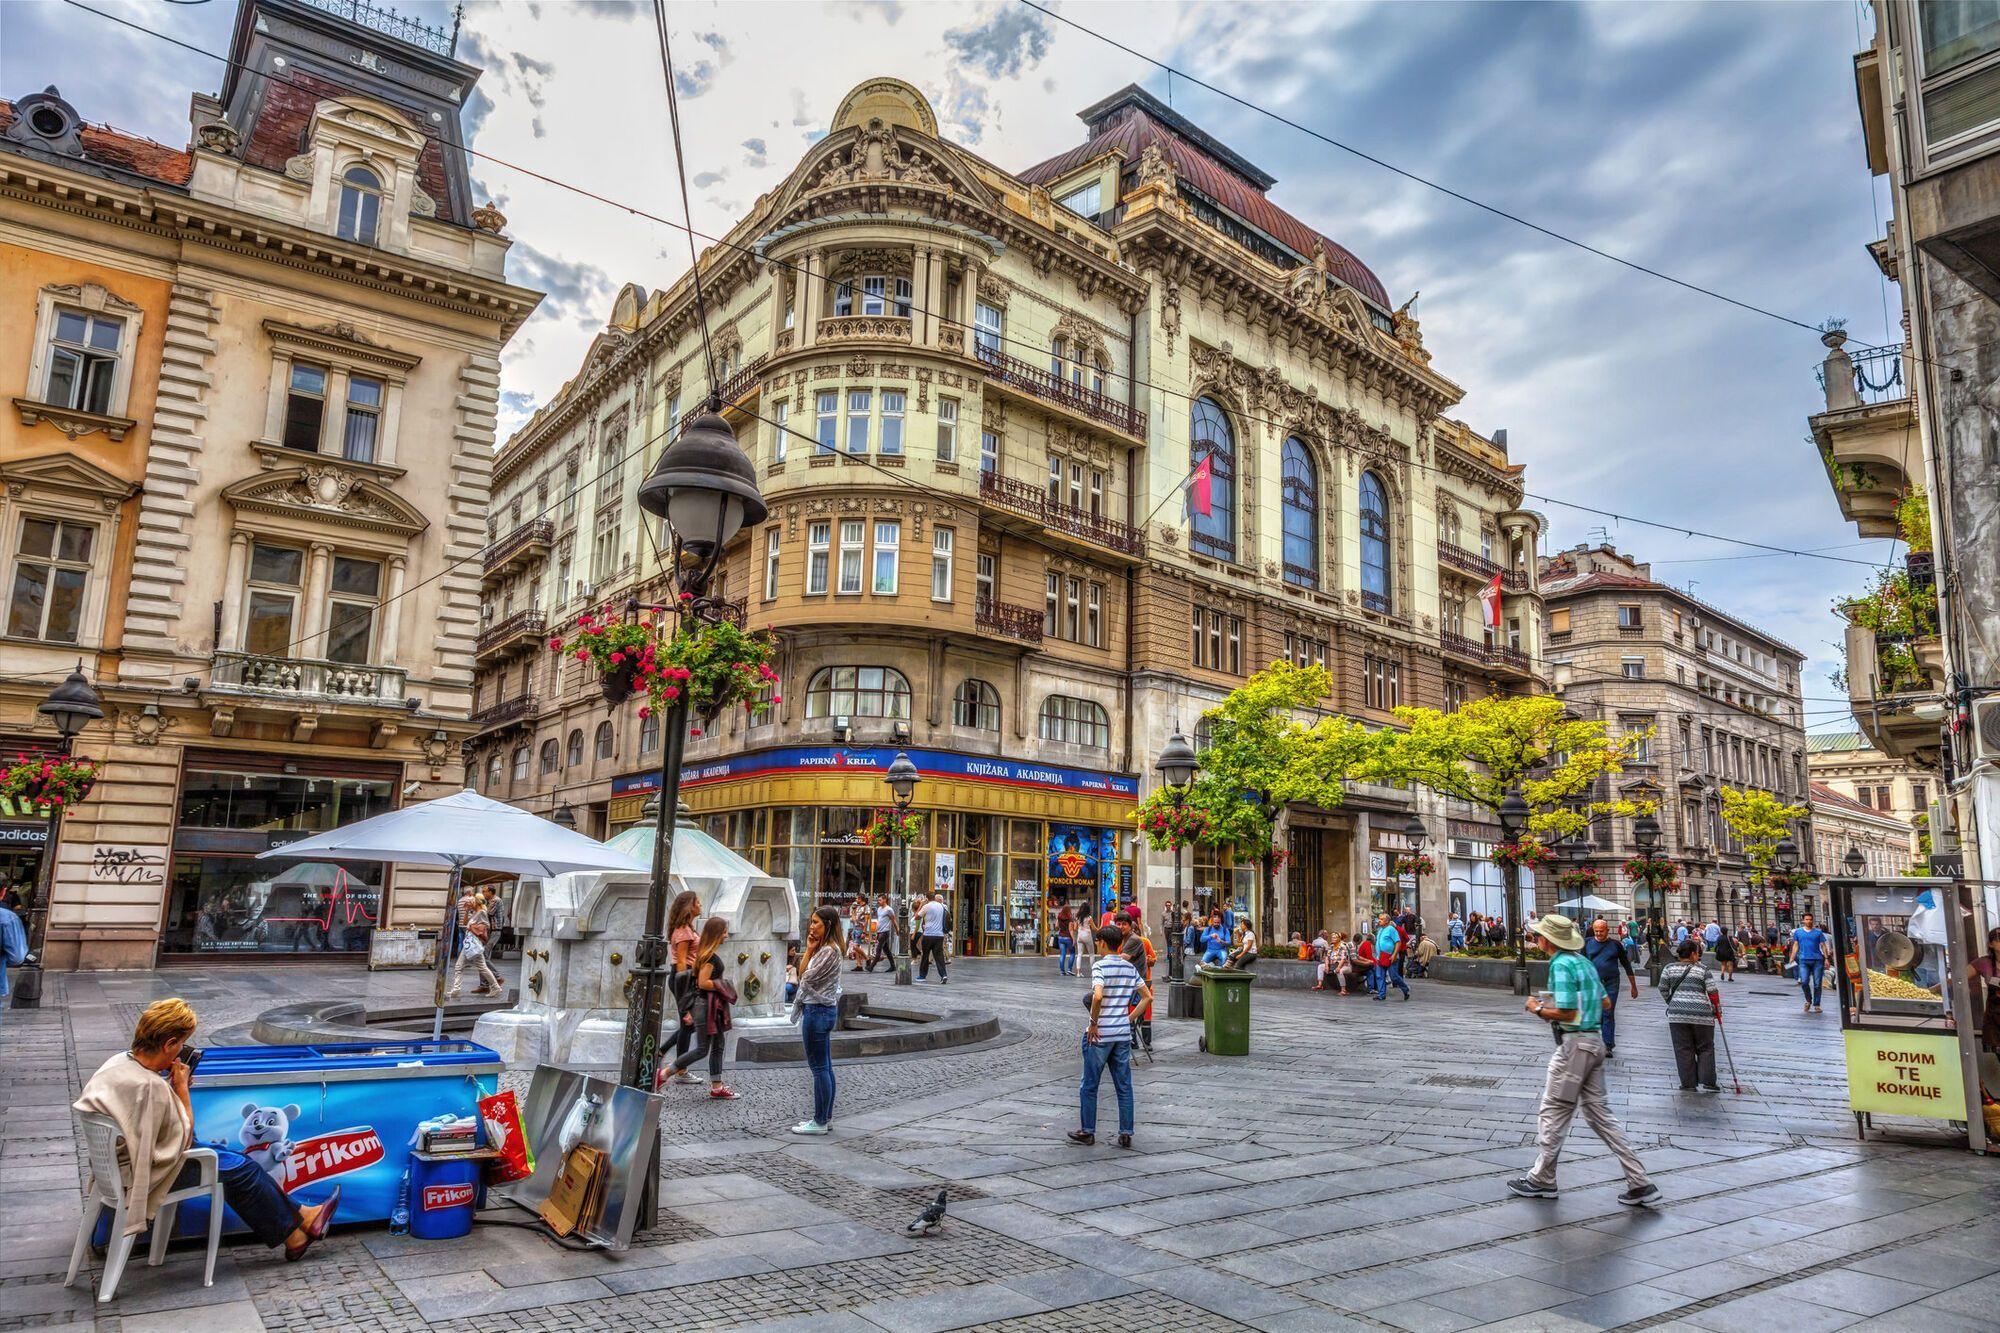 Белград построен на реке Дунай и привлекает туристов своим уютном и исторической атмосферой